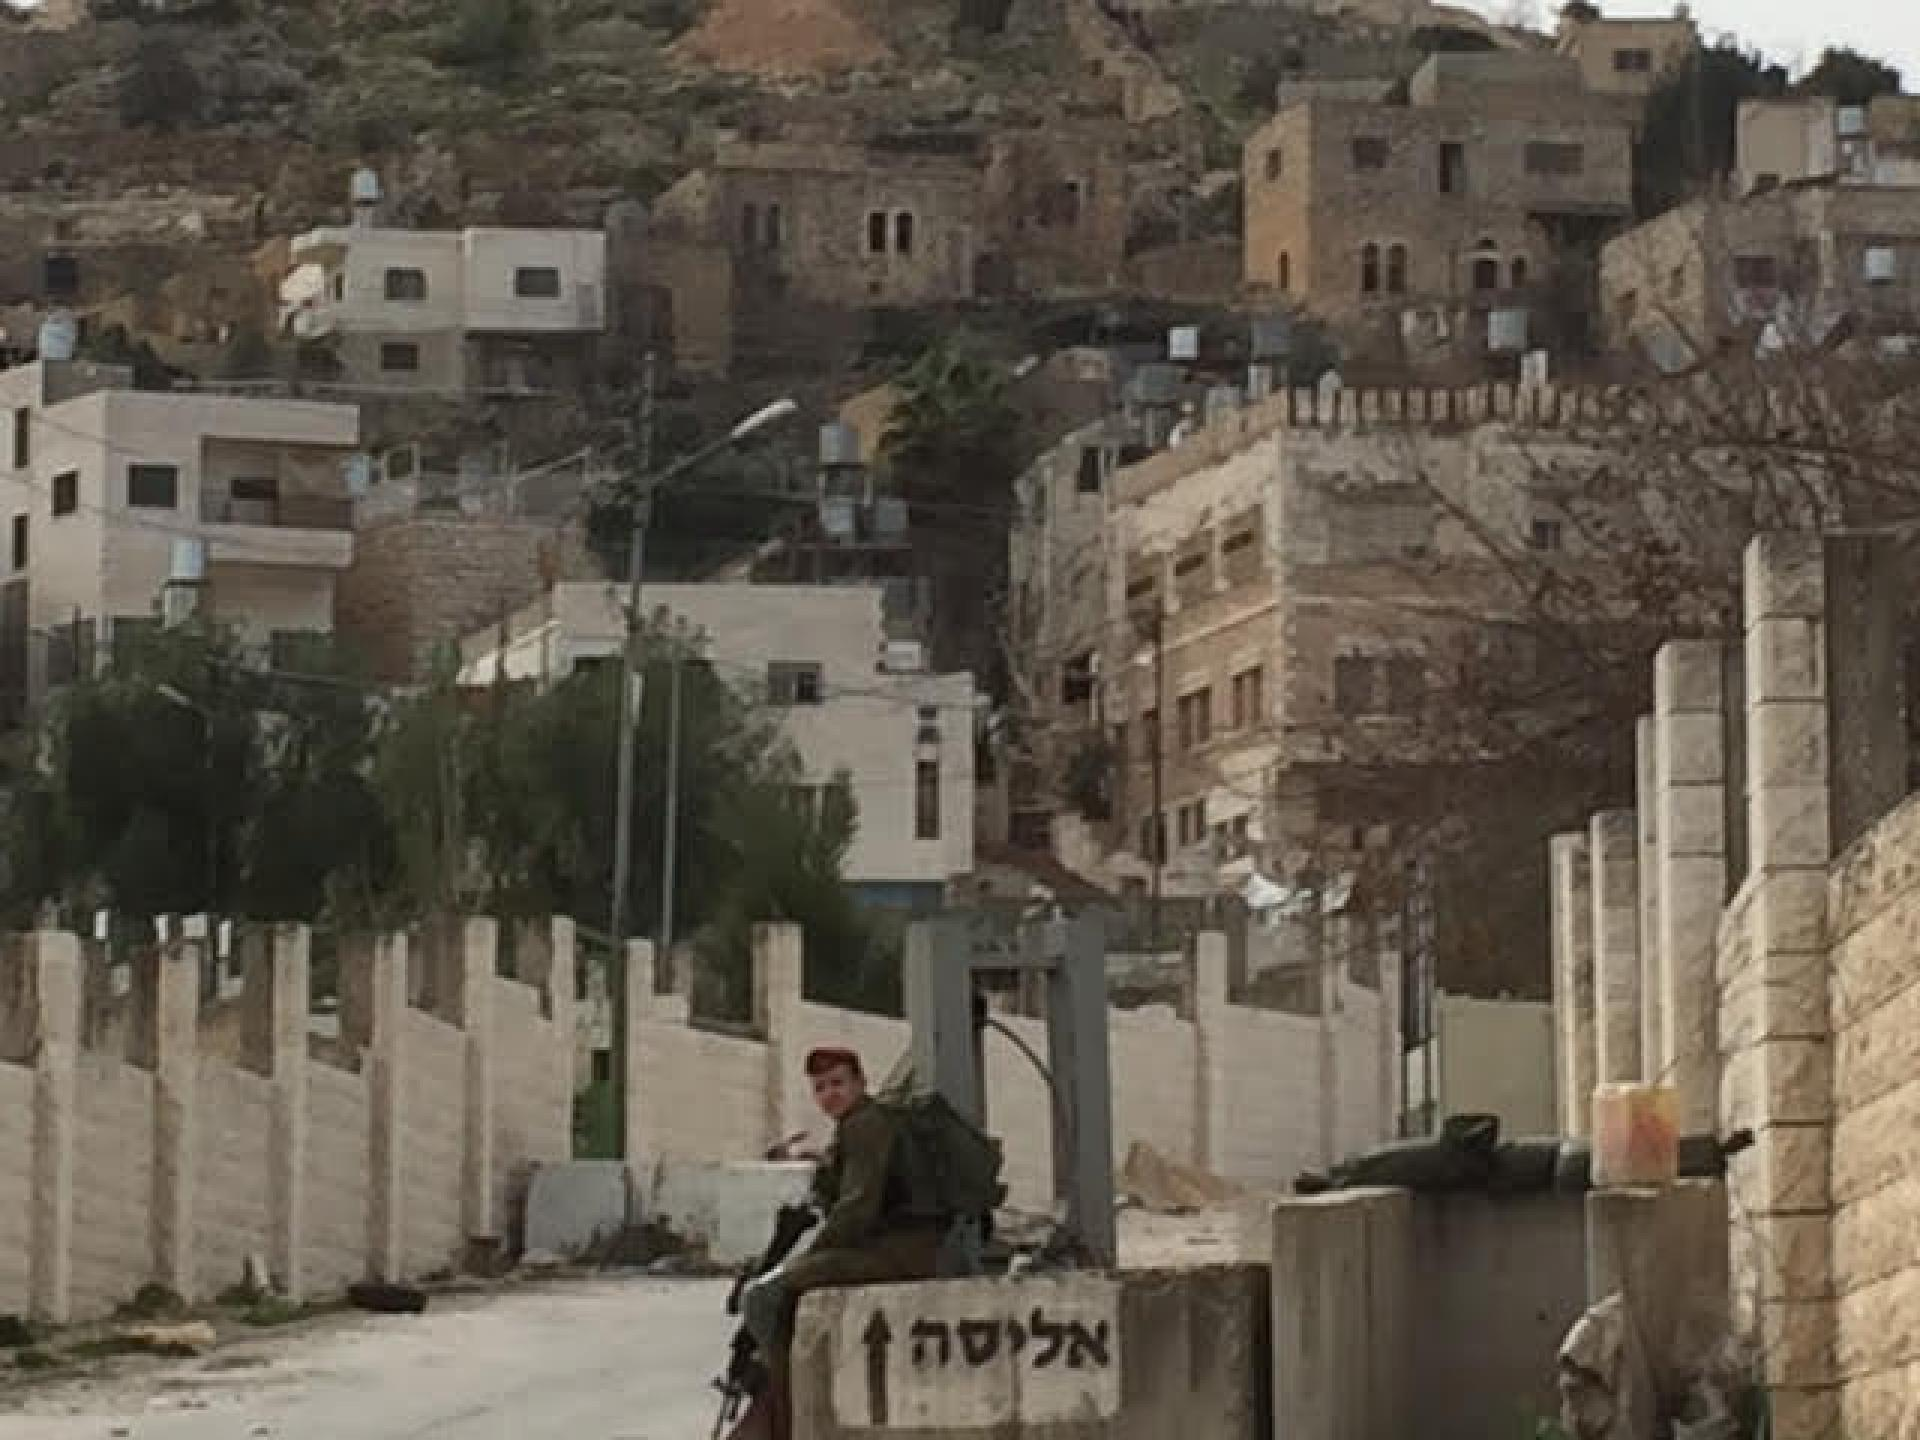 חייל שומר על כיכר גרוס פתחו את השער לשכונת אבו סנאן